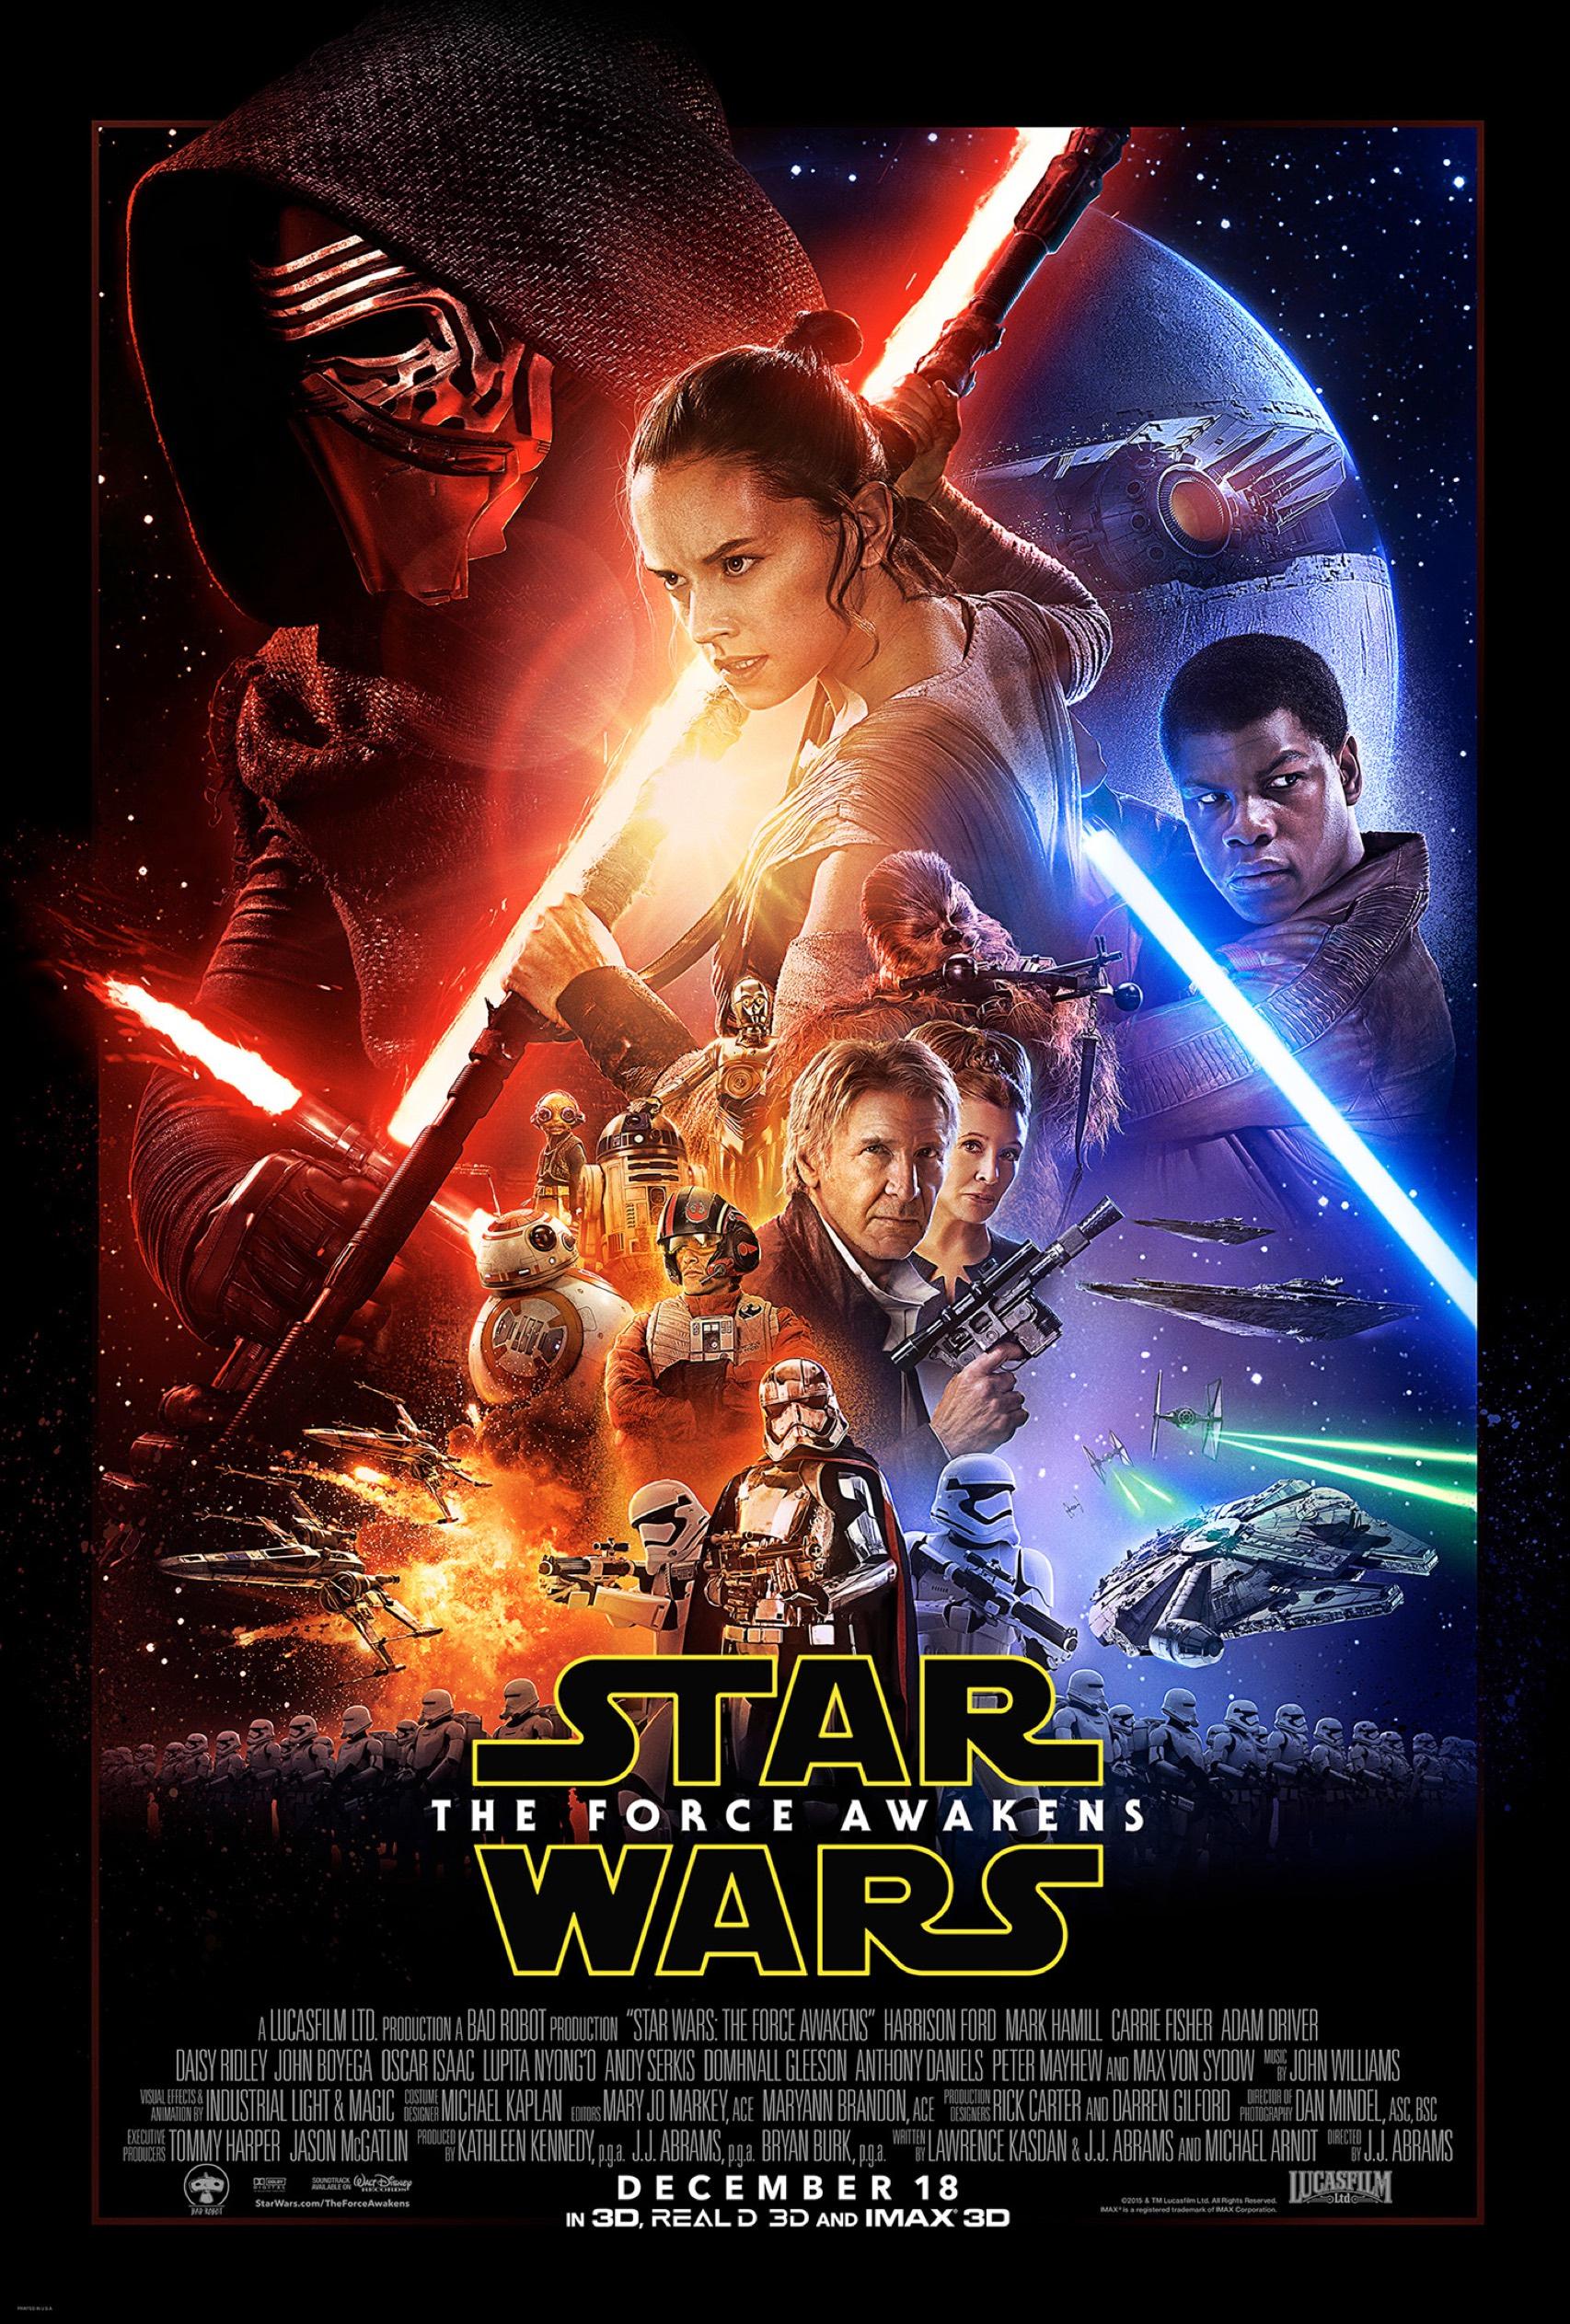 star wars episode vii the force awakens 2015 poster hq star wars photo 38966585 fanpop. Black Bedroom Furniture Sets. Home Design Ideas